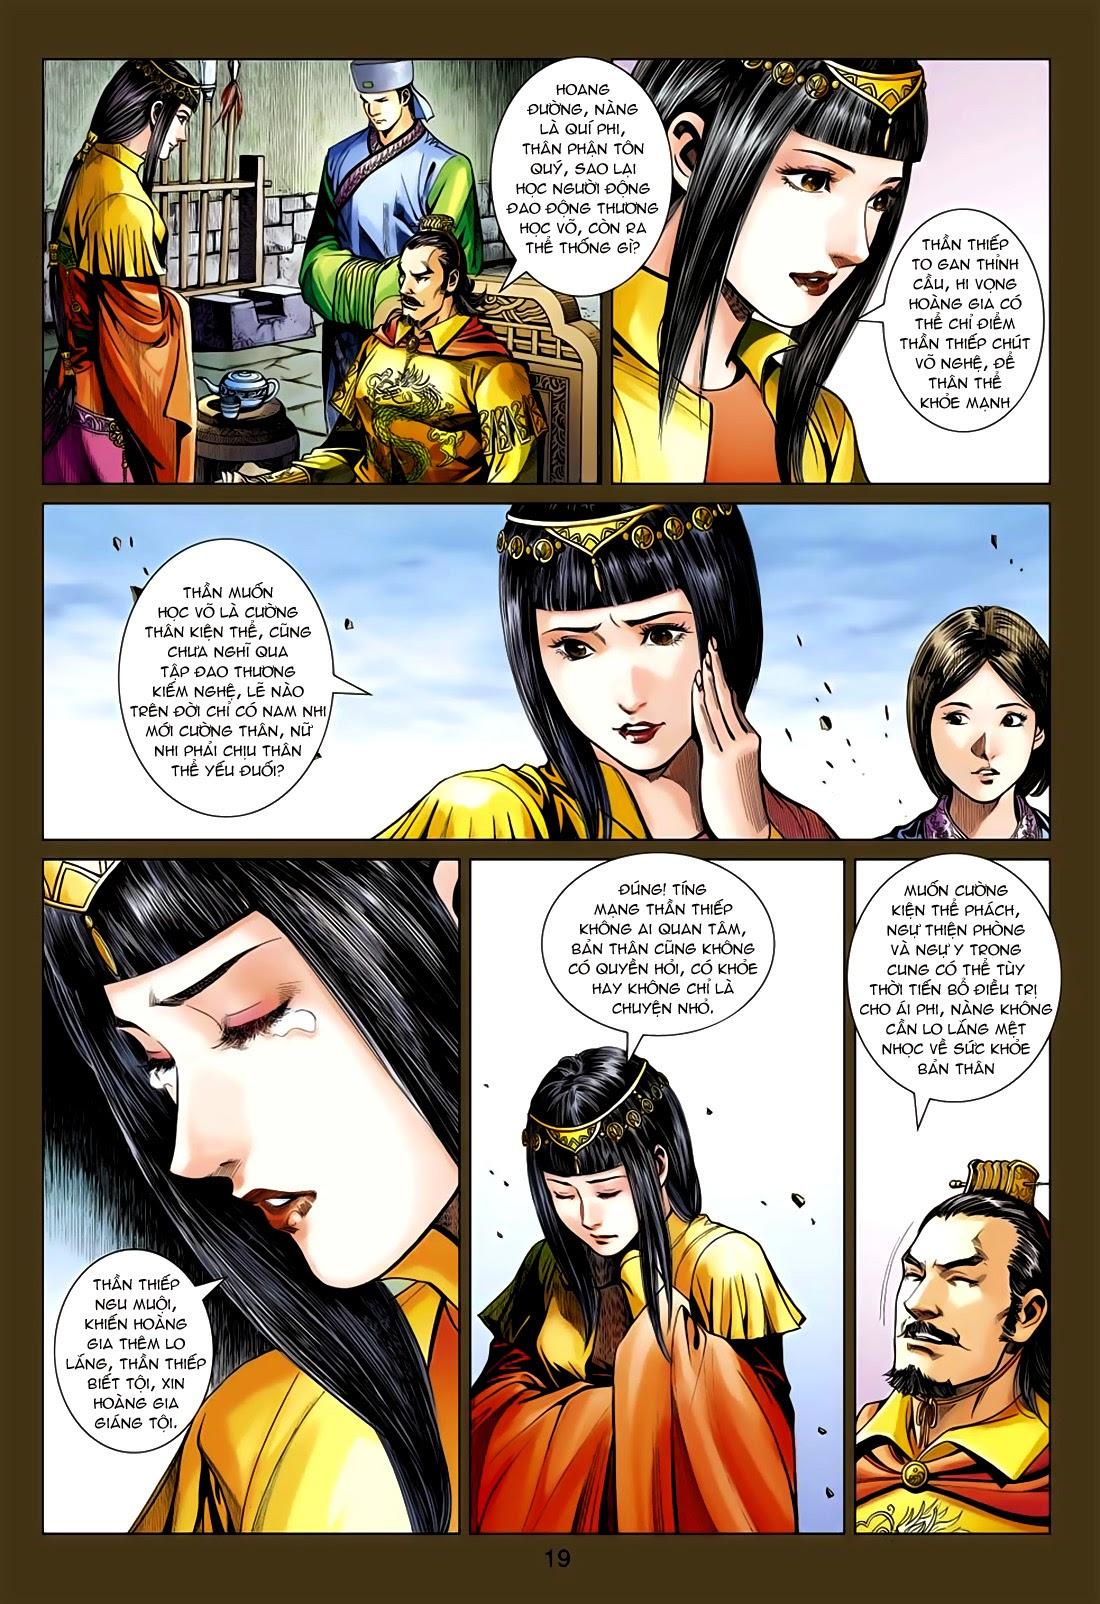 Anh Hùng Xạ Điêu anh hùng xạ đêu chap 75: hoàng thành cựu sự trang 19